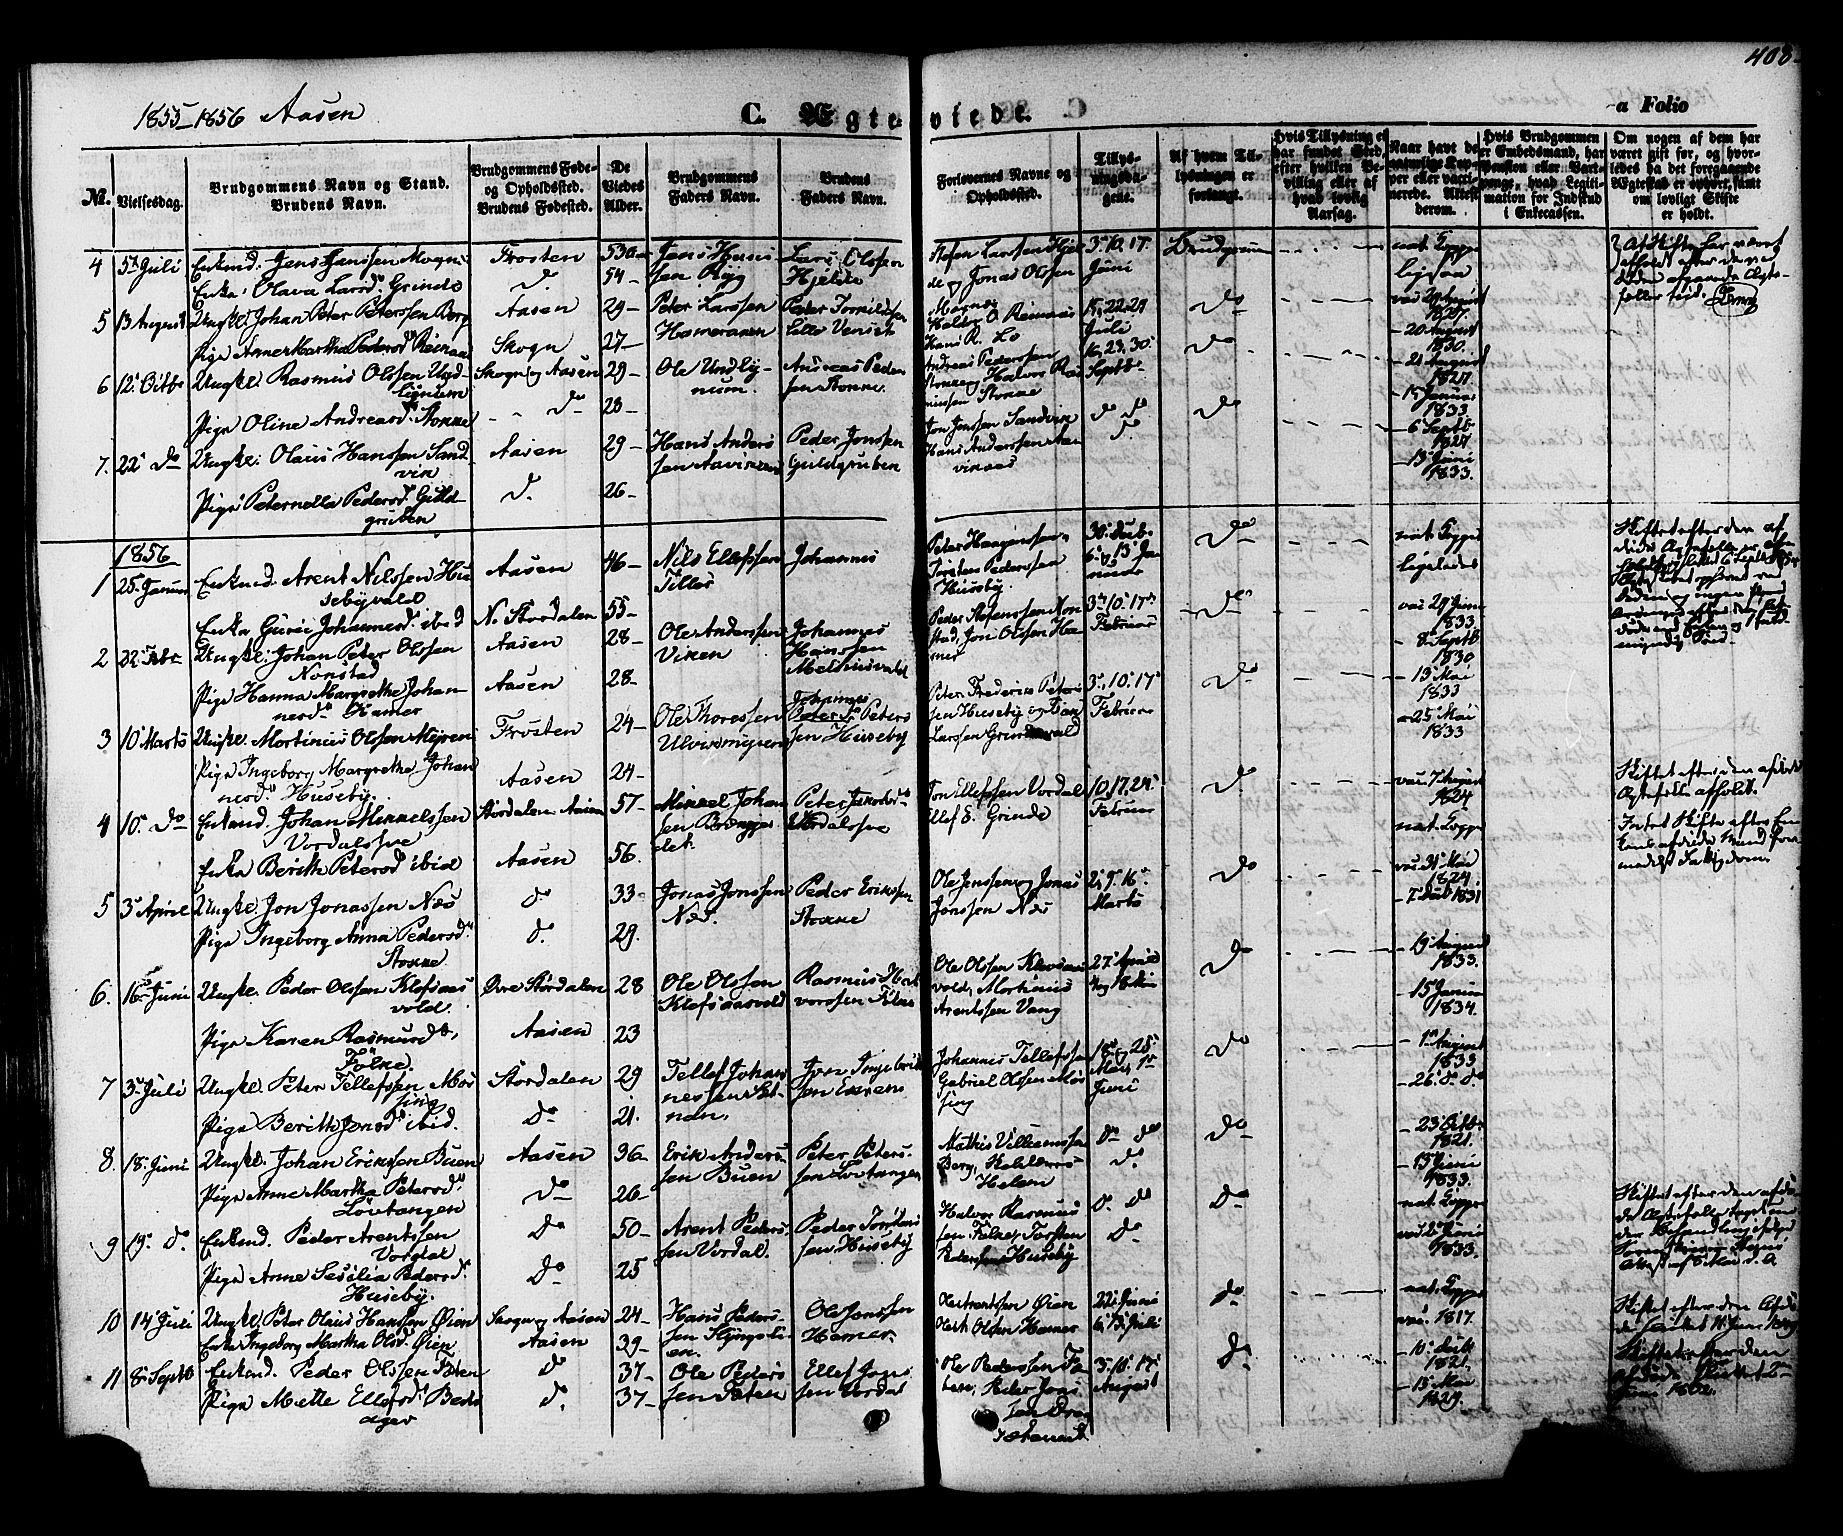 SAT, Ministerialprotokoller, klokkerbøker og fødselsregistre - Nord-Trøndelag, 713/L0116: Ministerialbok nr. 713A07 /2, 1850-1877, s. 408